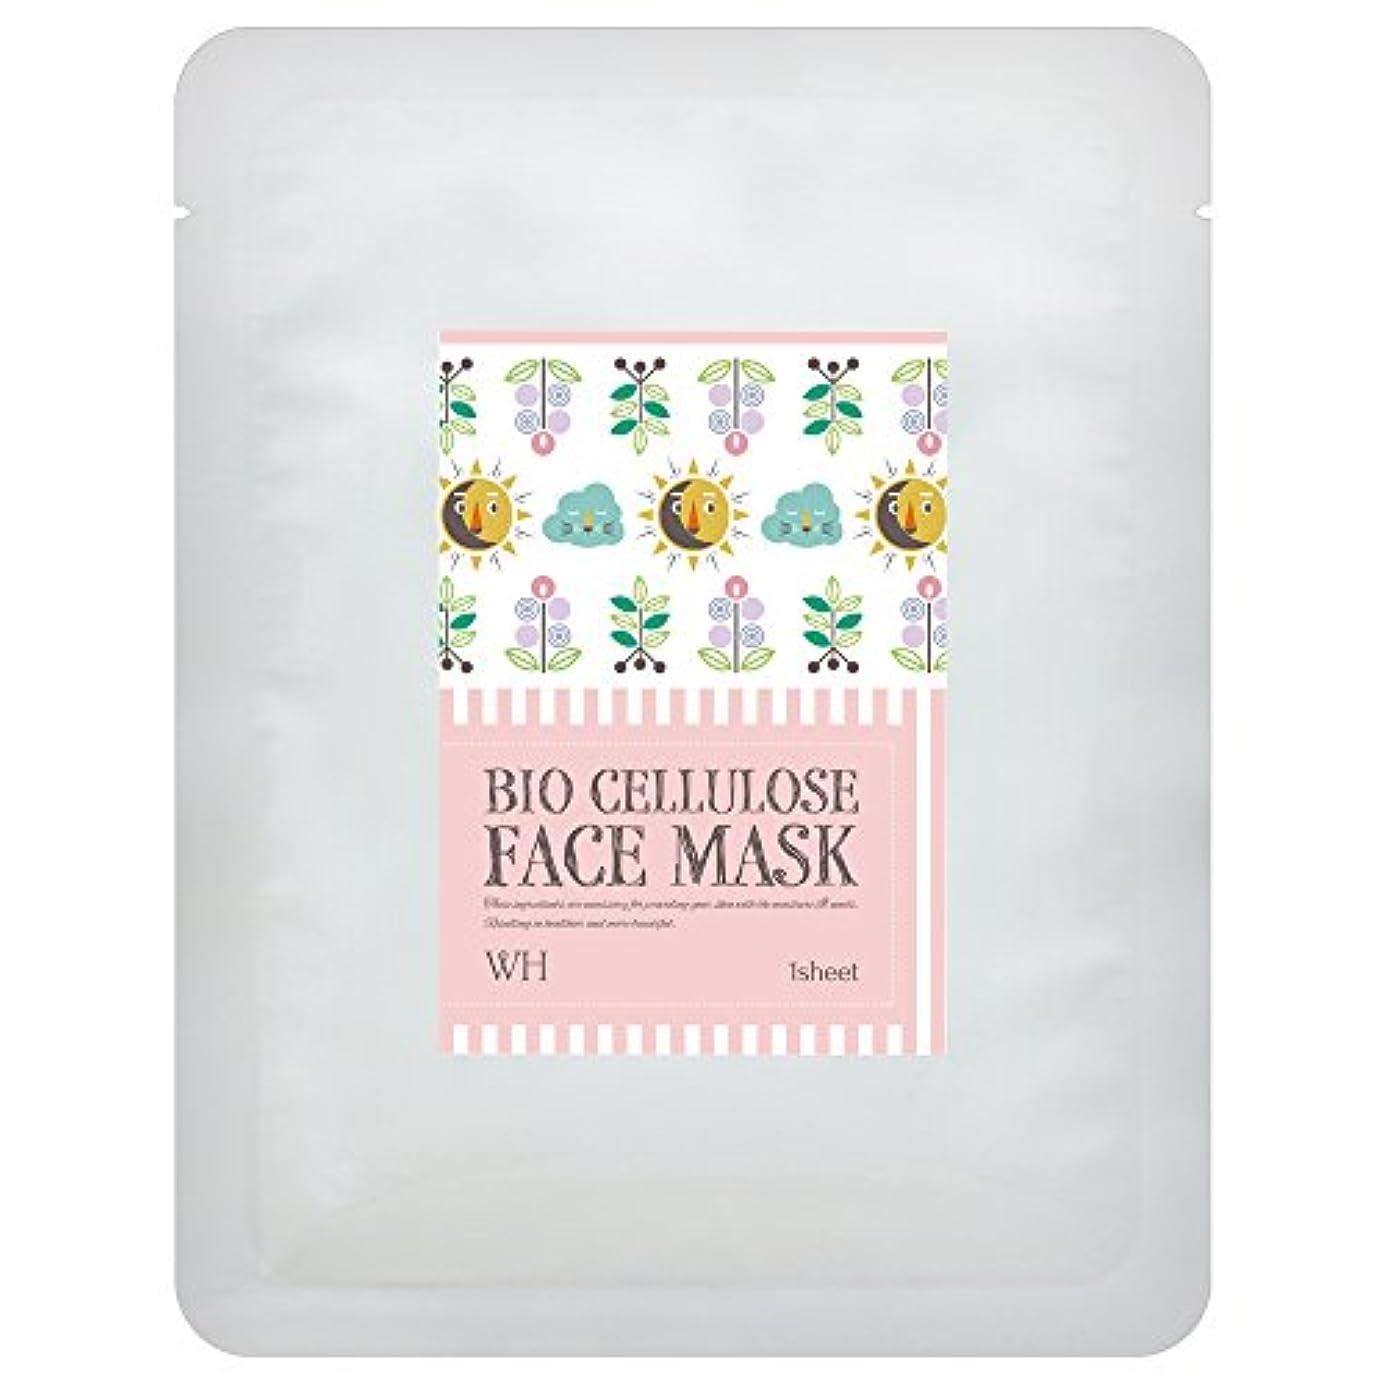 チューリップオリエンタル日本製バイオセルロース フェイスマスク WH(輝白系) 1枚